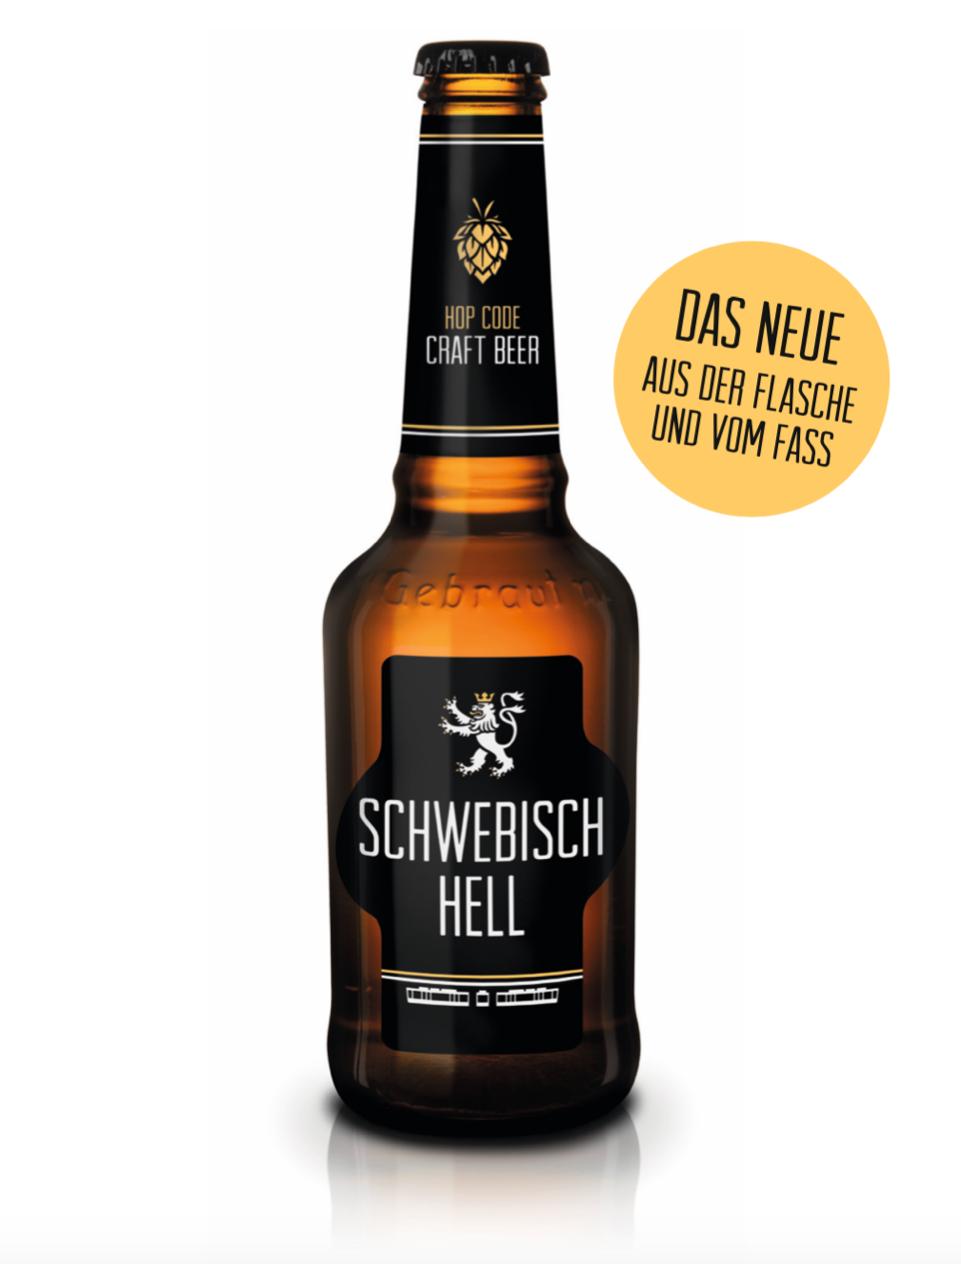 Schwebisch Hell Fass-Anstich in Wuppertal | Am Freitag gibt es im Craft Beer Kiosk die Relaunch-Party